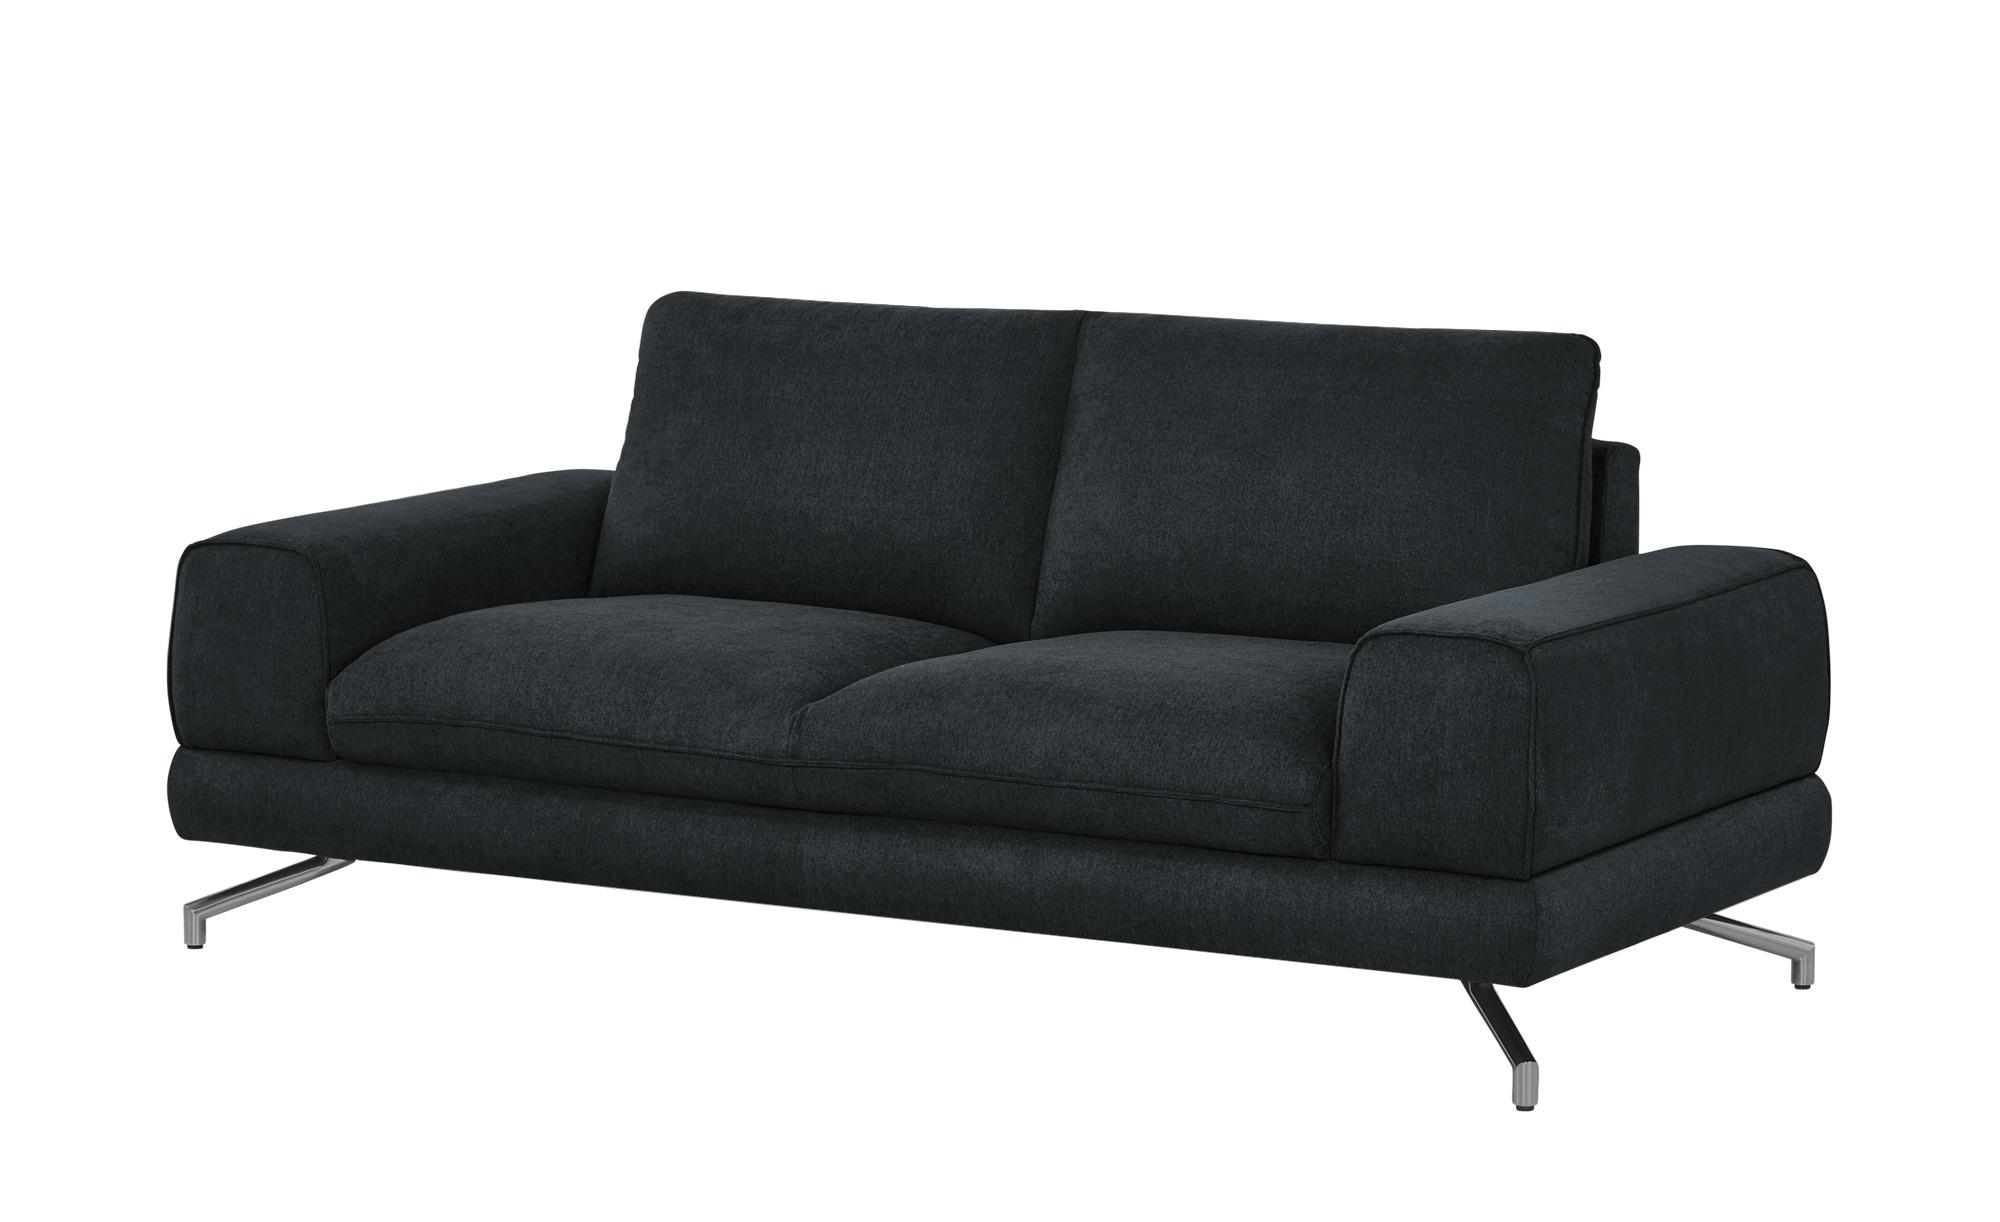 smart Sofa schwarz - Webstoff Bonika ¦ schwarz ¦ Maße (cm): B: 198 H: 83 T: 95 Polstermöbel > Sofas > Einzelsofas - Höffner